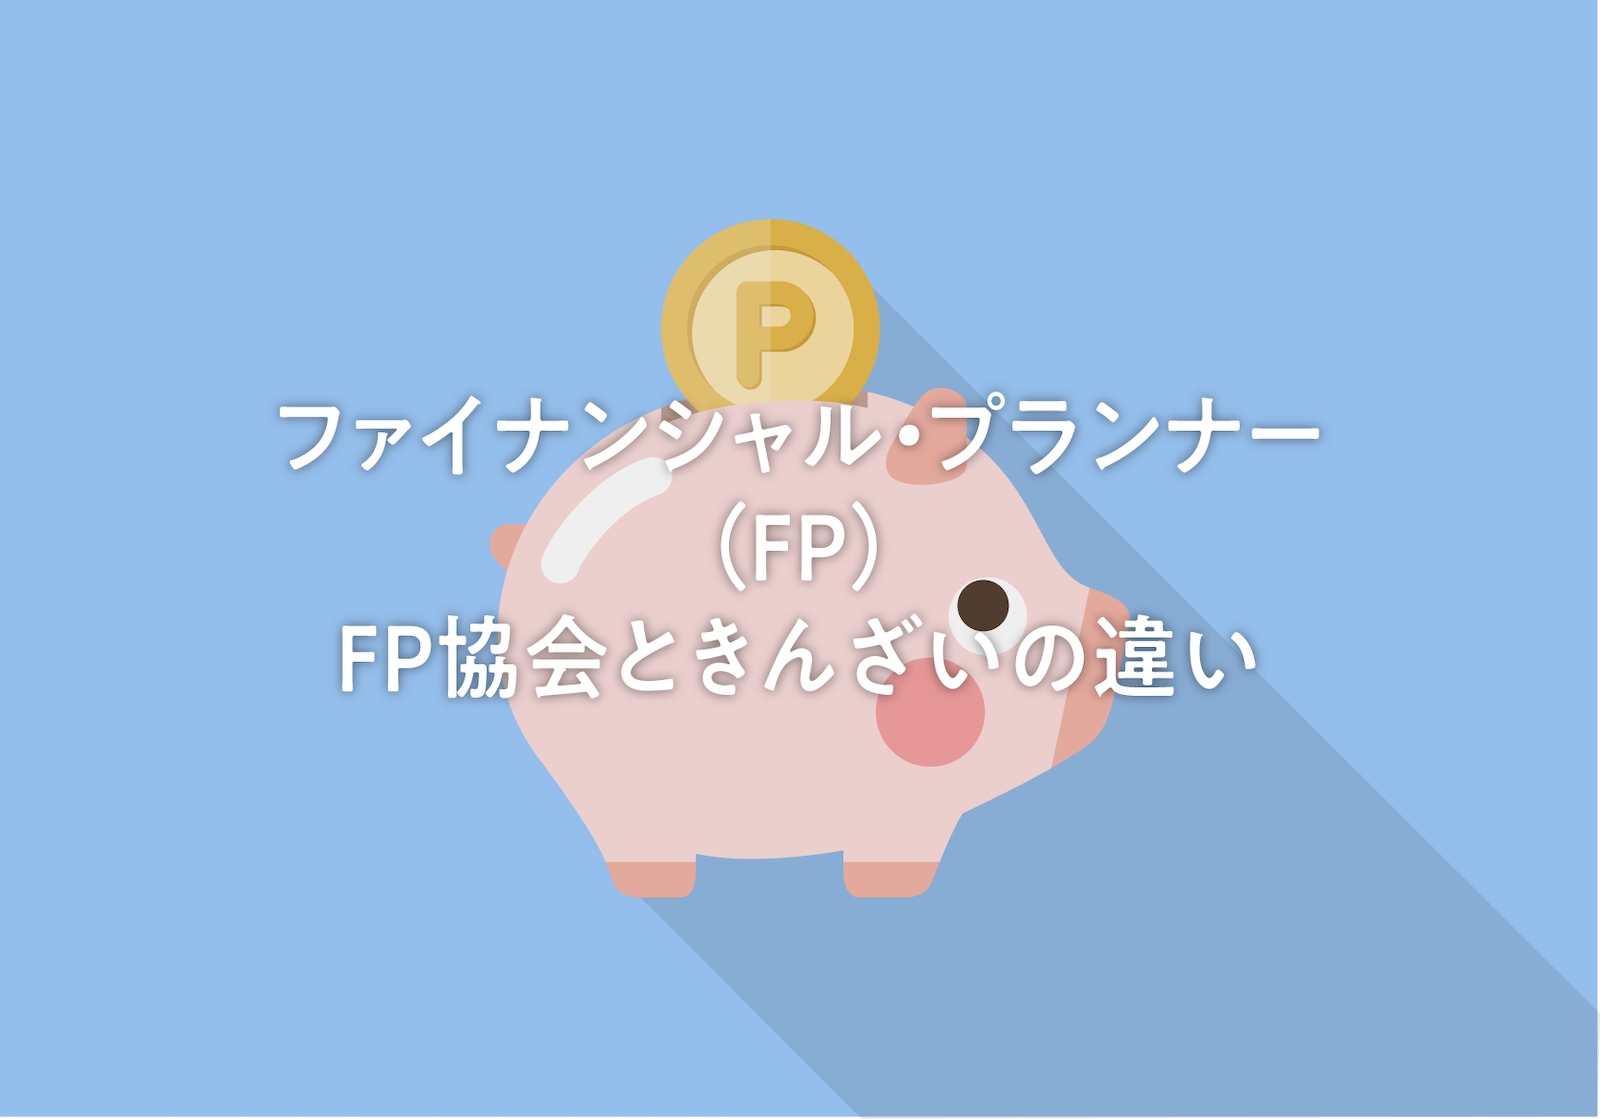 Fp 協会 日本